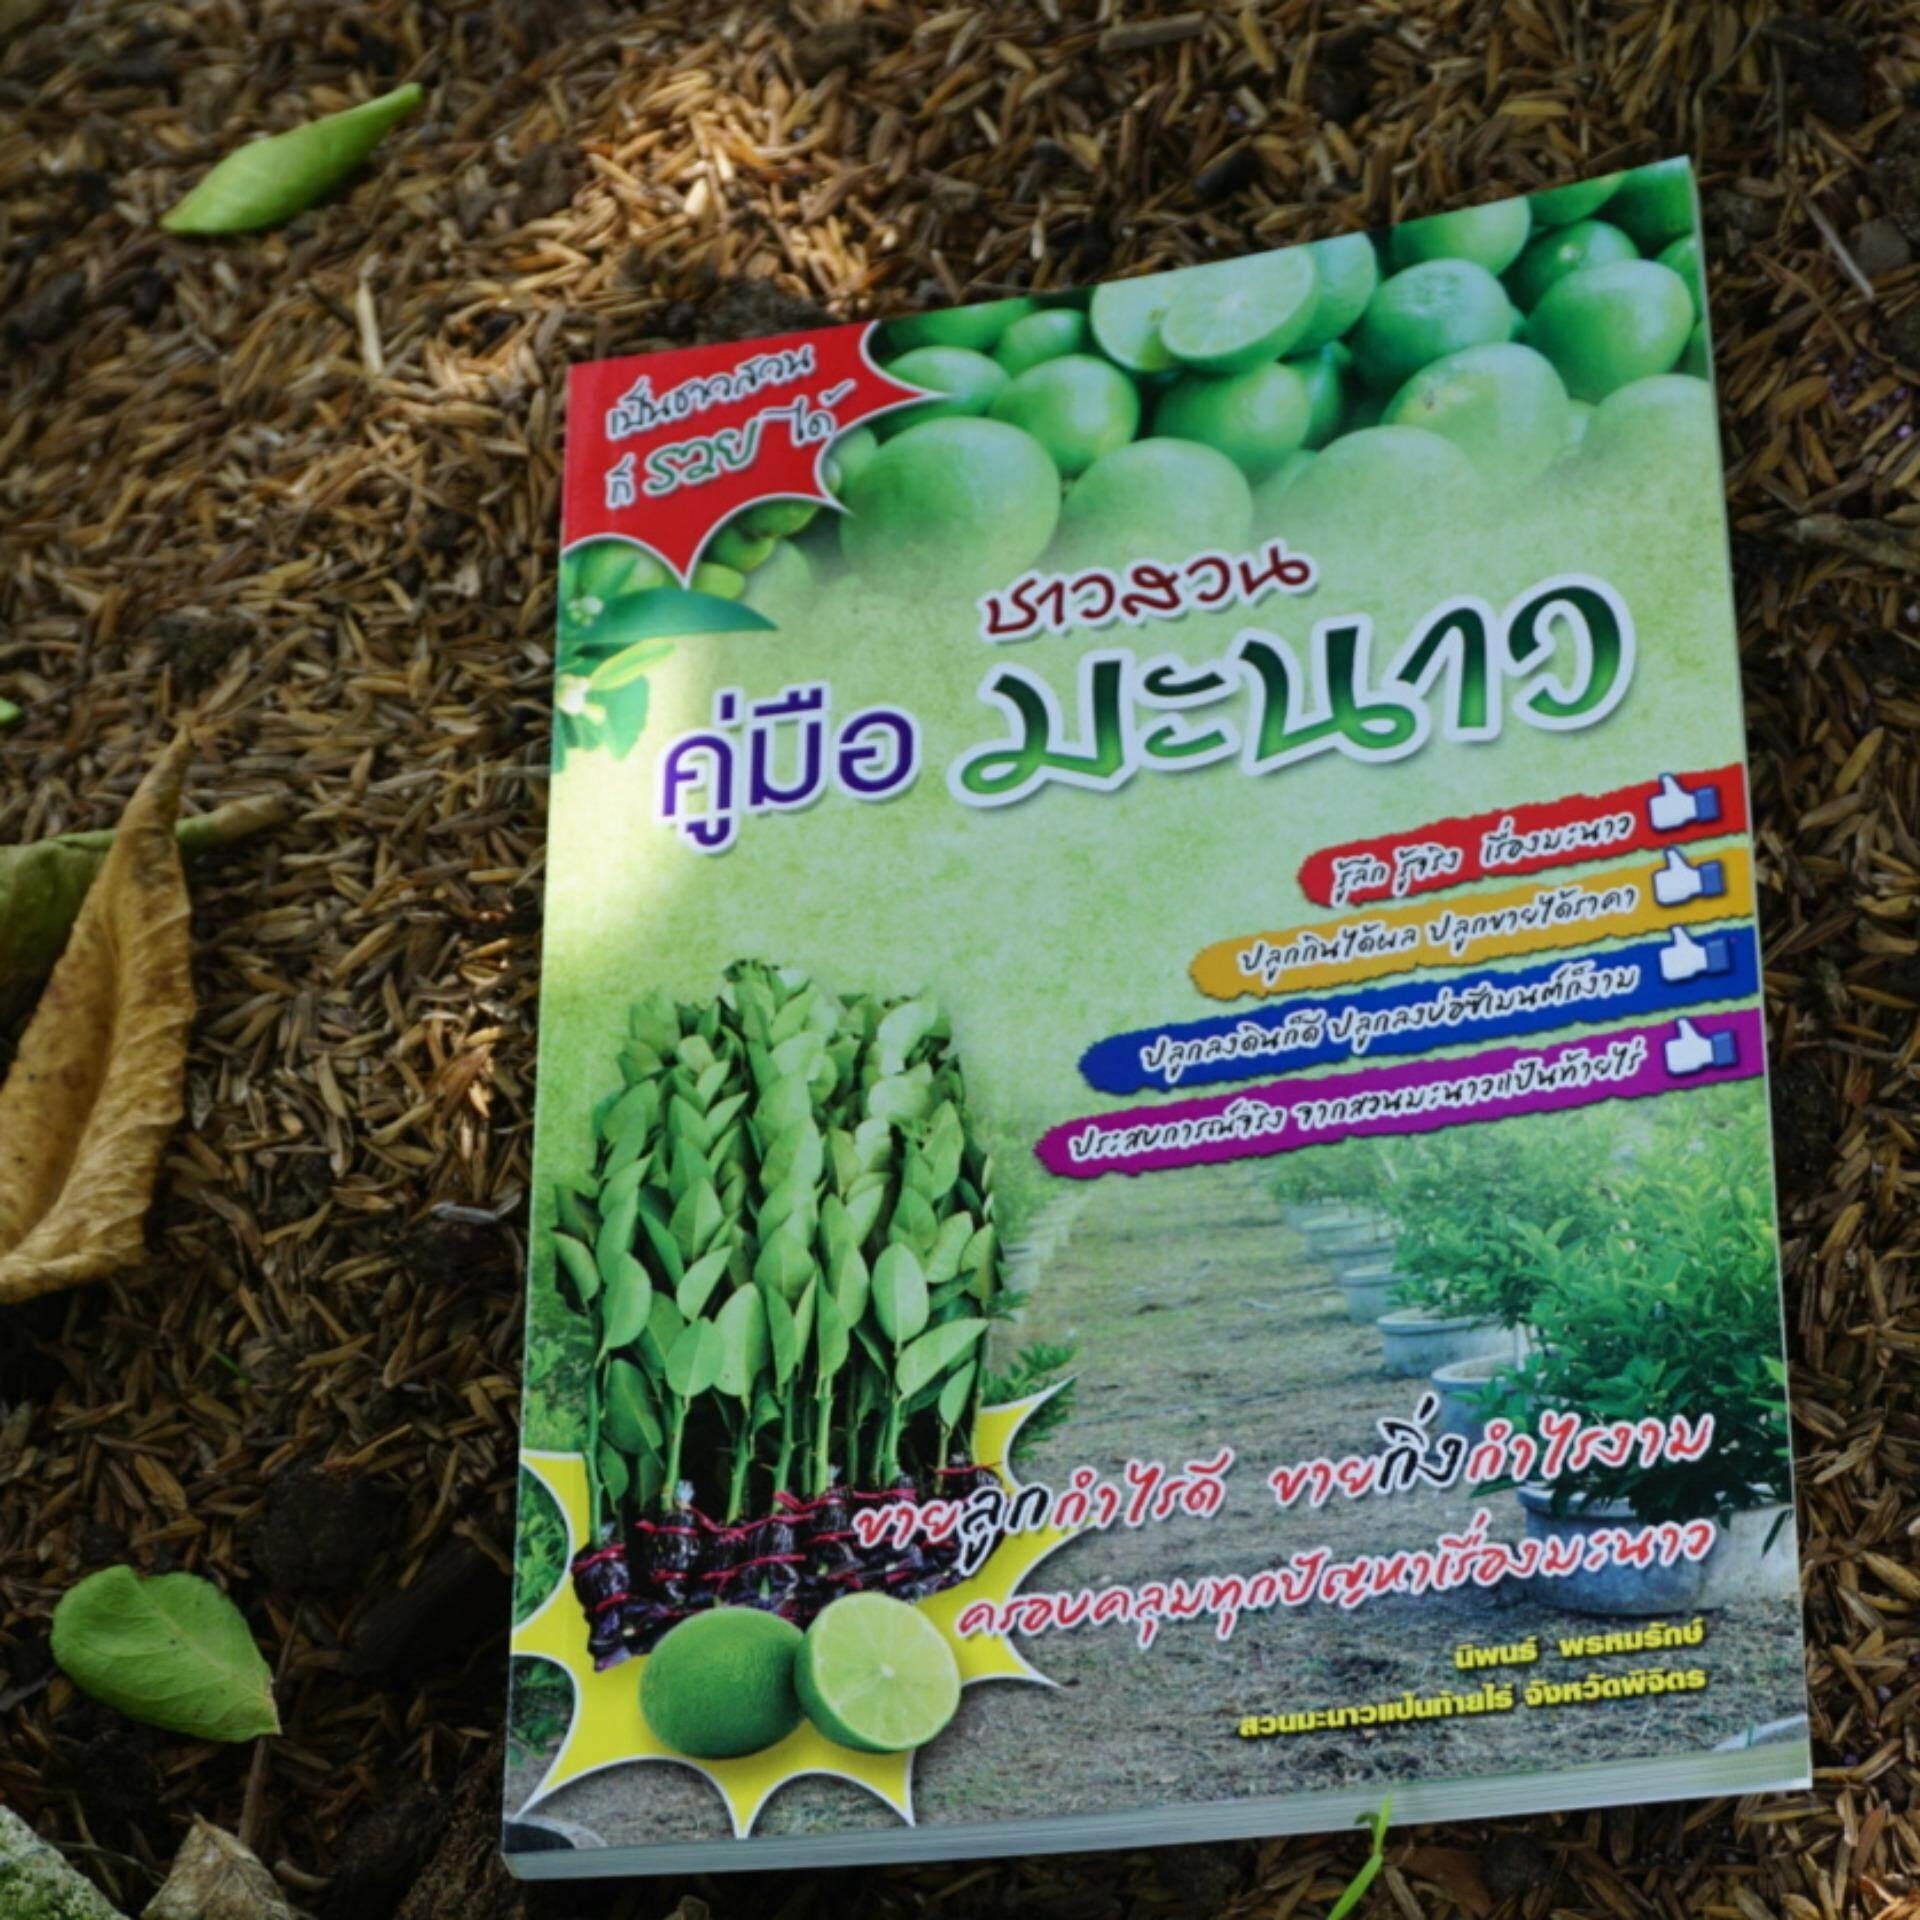 หนังสือคู่มือชาวสวนมะนาว By Tayrai.